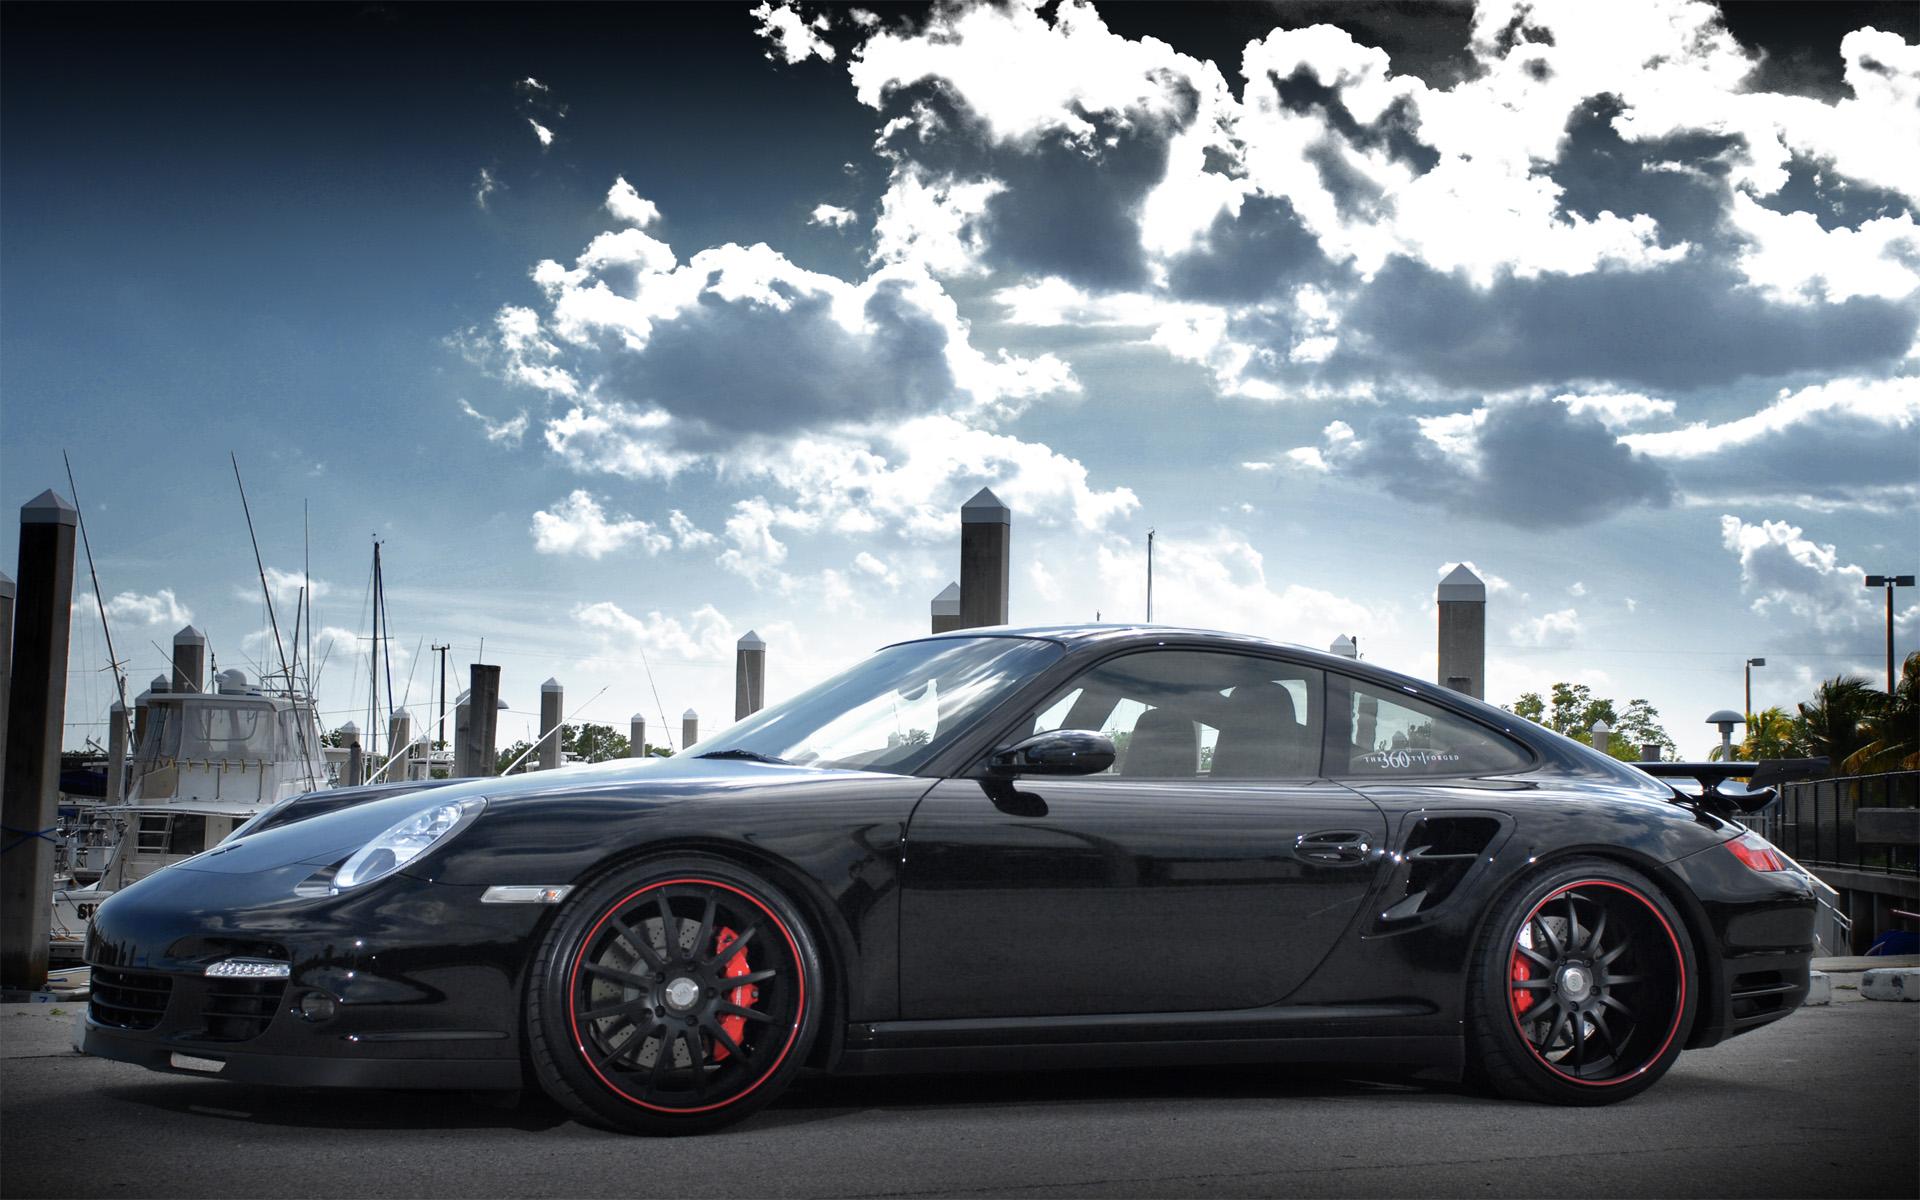 ... Porsche Wallpaper; Porsche Wallpaper